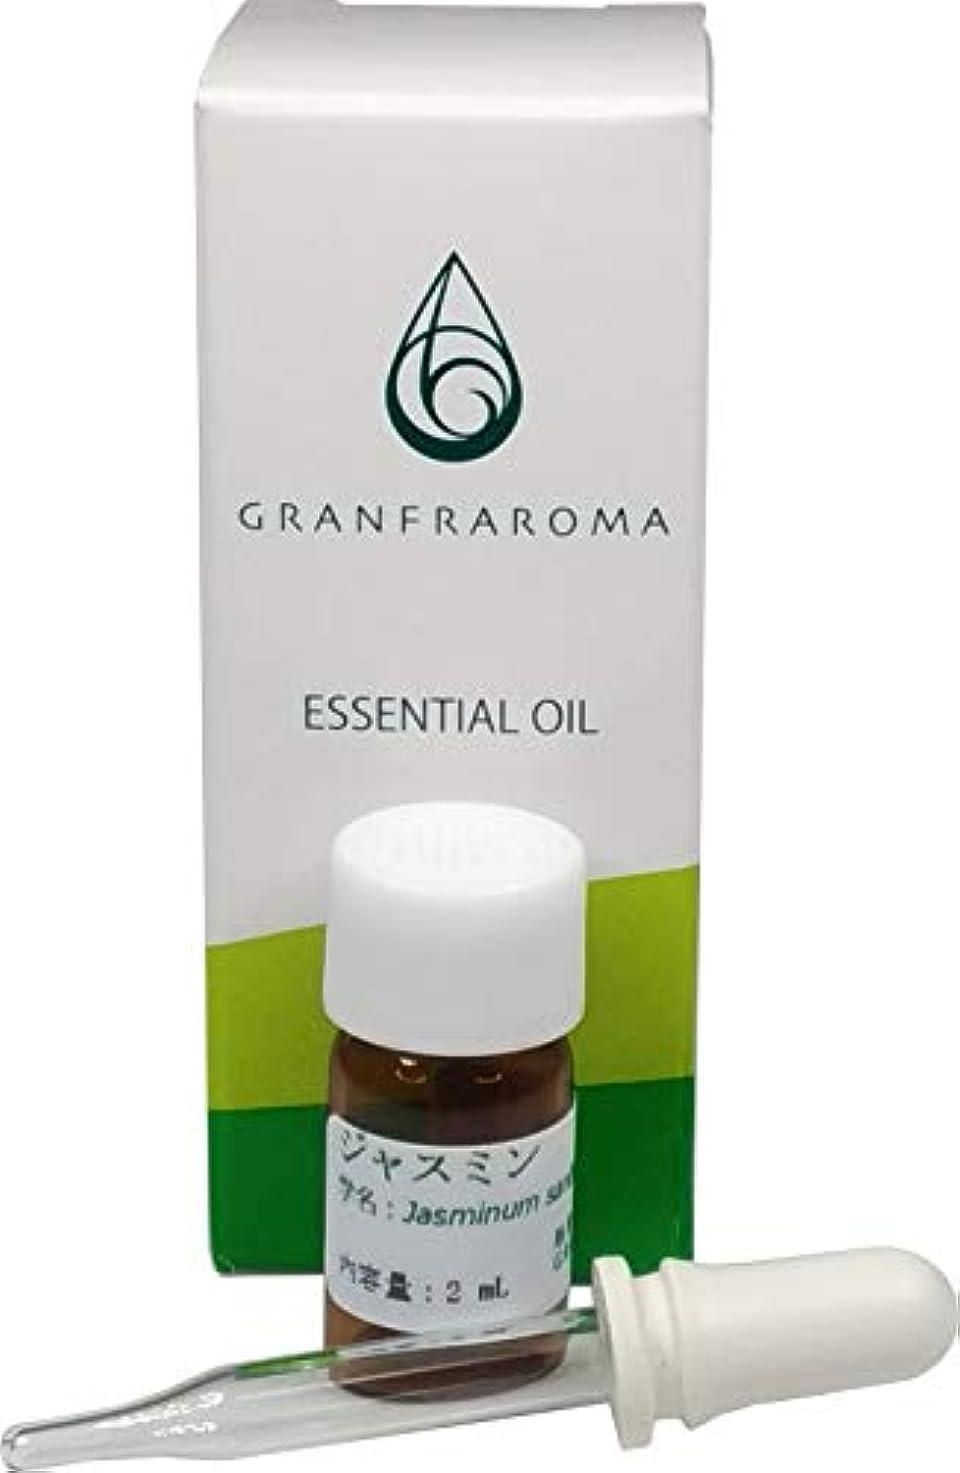 豊かにする配送不運(グランフラローマ)GRANFRAROMA 精油 ジャスミン エッセンシャルオイル 2ml